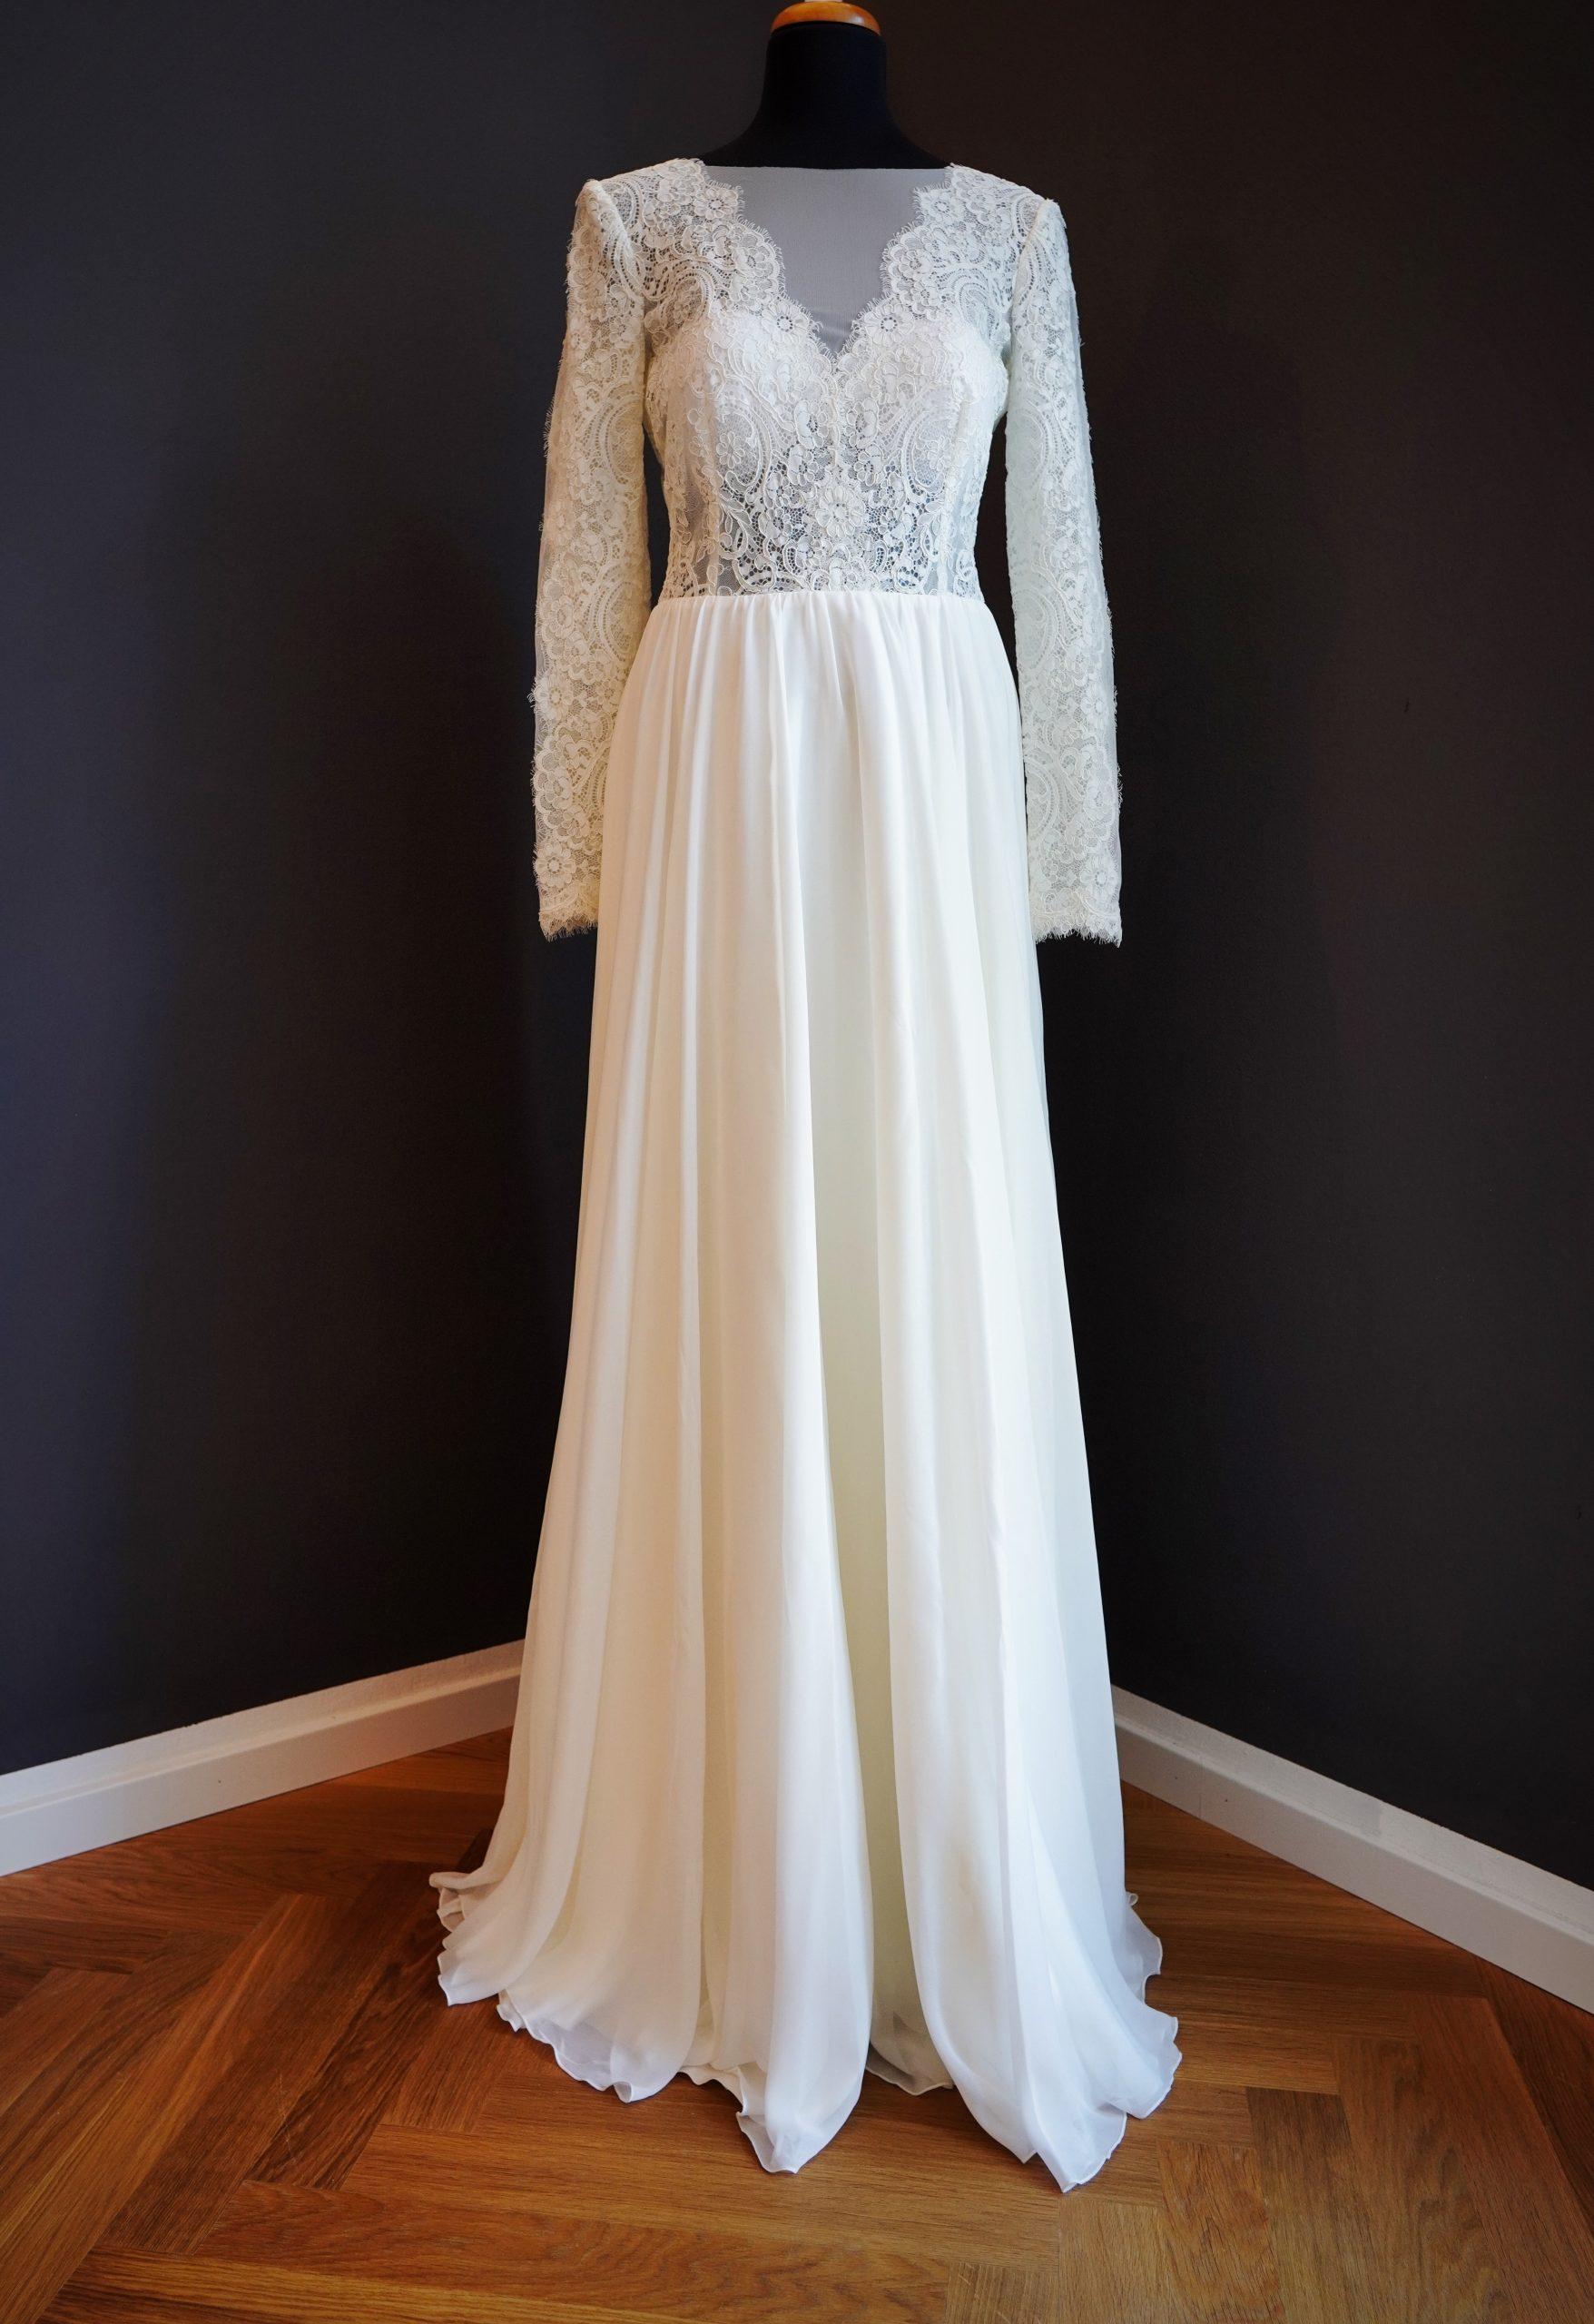 große Auswahl an Second Hand Brautkleidern - Bridal Studio hugs & kisses - Brautkleider-muenchen